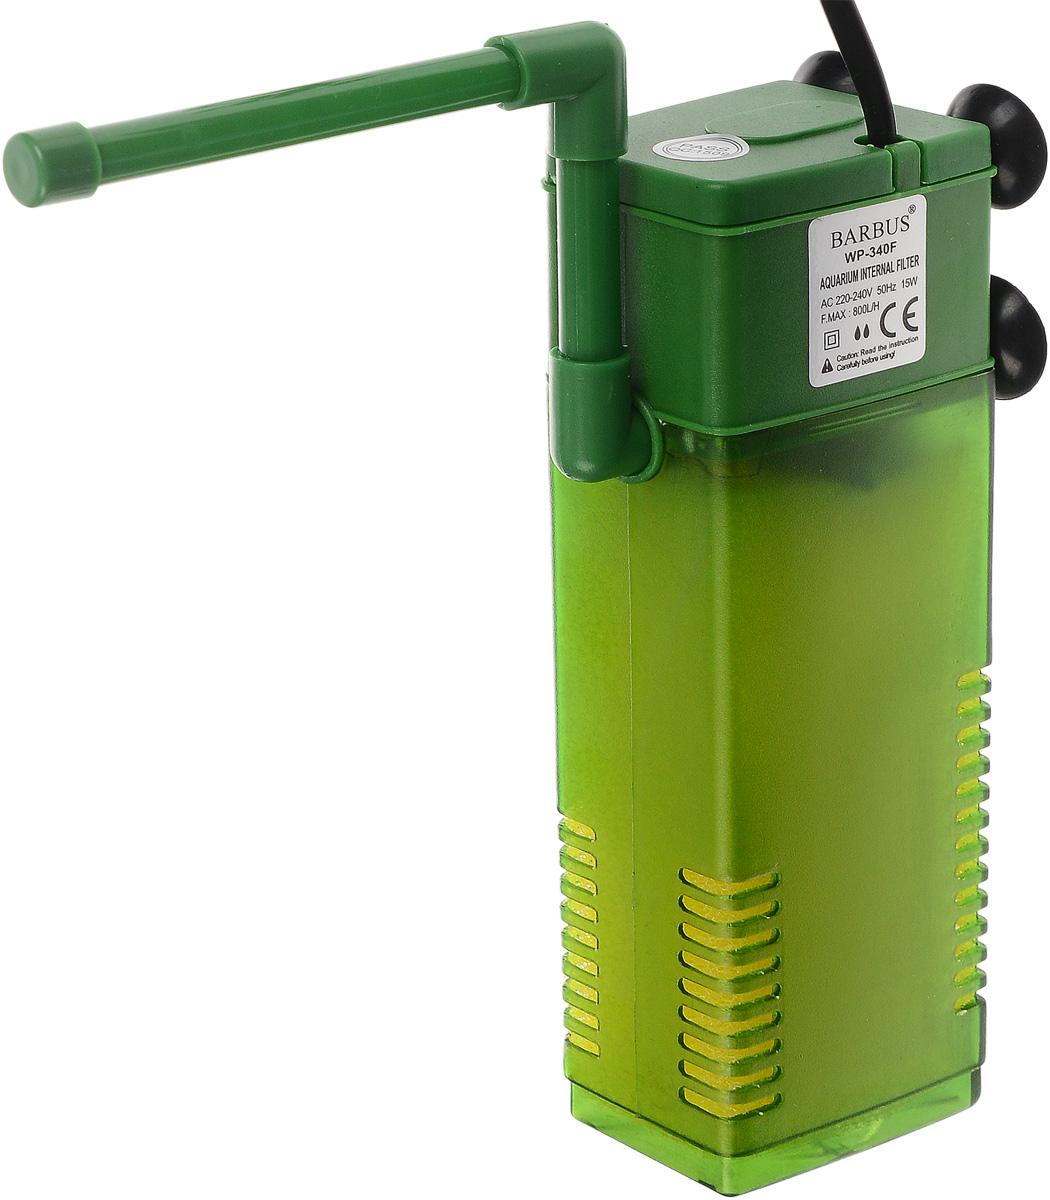 Фильтр для воды Barbus WP- 340F, аквариумный, с регулятором и флейтой, 800 л/чFILTER 005Barbus WP- 320F предназначен для фильтрации воды в аквариумах. Механическая фильтрация происходит за счет губки, которая поглощает грязь и очищает воду. Фильтр равномерно распределяет поток воды в аквариуме с помощью системы Водянаяфлейта. Имеет дополнительную насадку с возможностью аэрации воды. Подходит для пресной и соленой воды. Фильтр полностью погружной.Мощность: 15 Вт.Напряжение: 220-240В.Частота: 50/60 Гц.Производительность: 800 л/ч.Рекомендованный объем аквариума: 100-200 л. Уважаемые клиенты!Обращаем ваше внимание навозможныеизмененияв цветенекоторых деталейтовара. Поставка осуществляется в зависимости от наличия на складе.